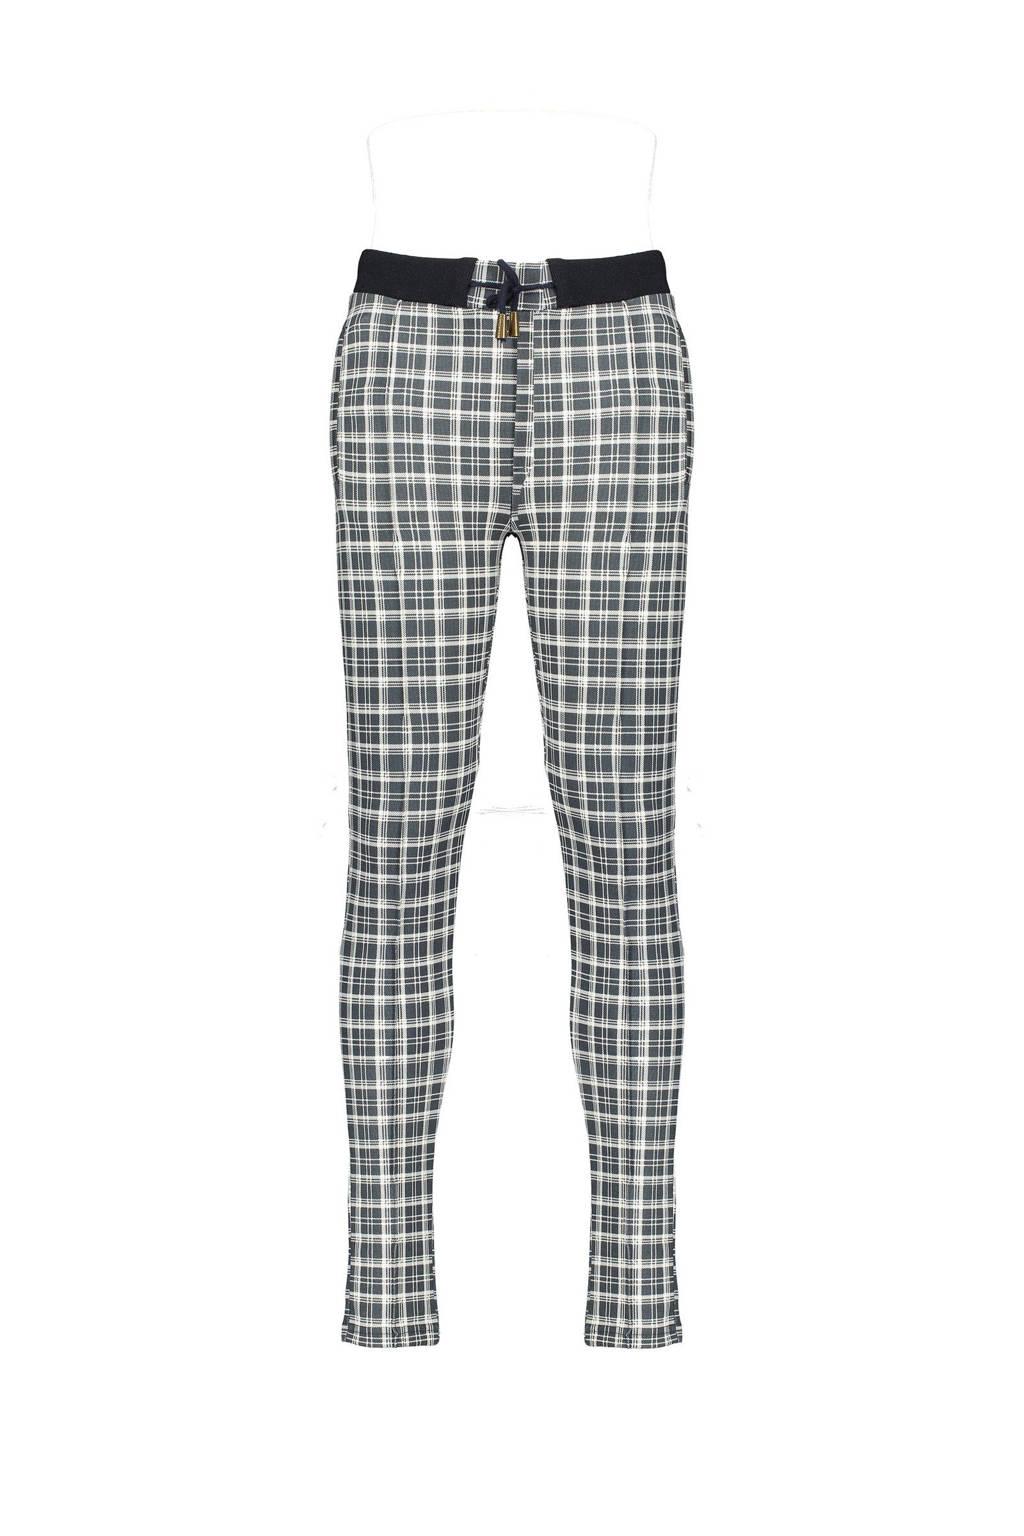 NoBell' geruite tapered fit broek Secler antraciet/wit/zwart, Antraciet/wit/zwart